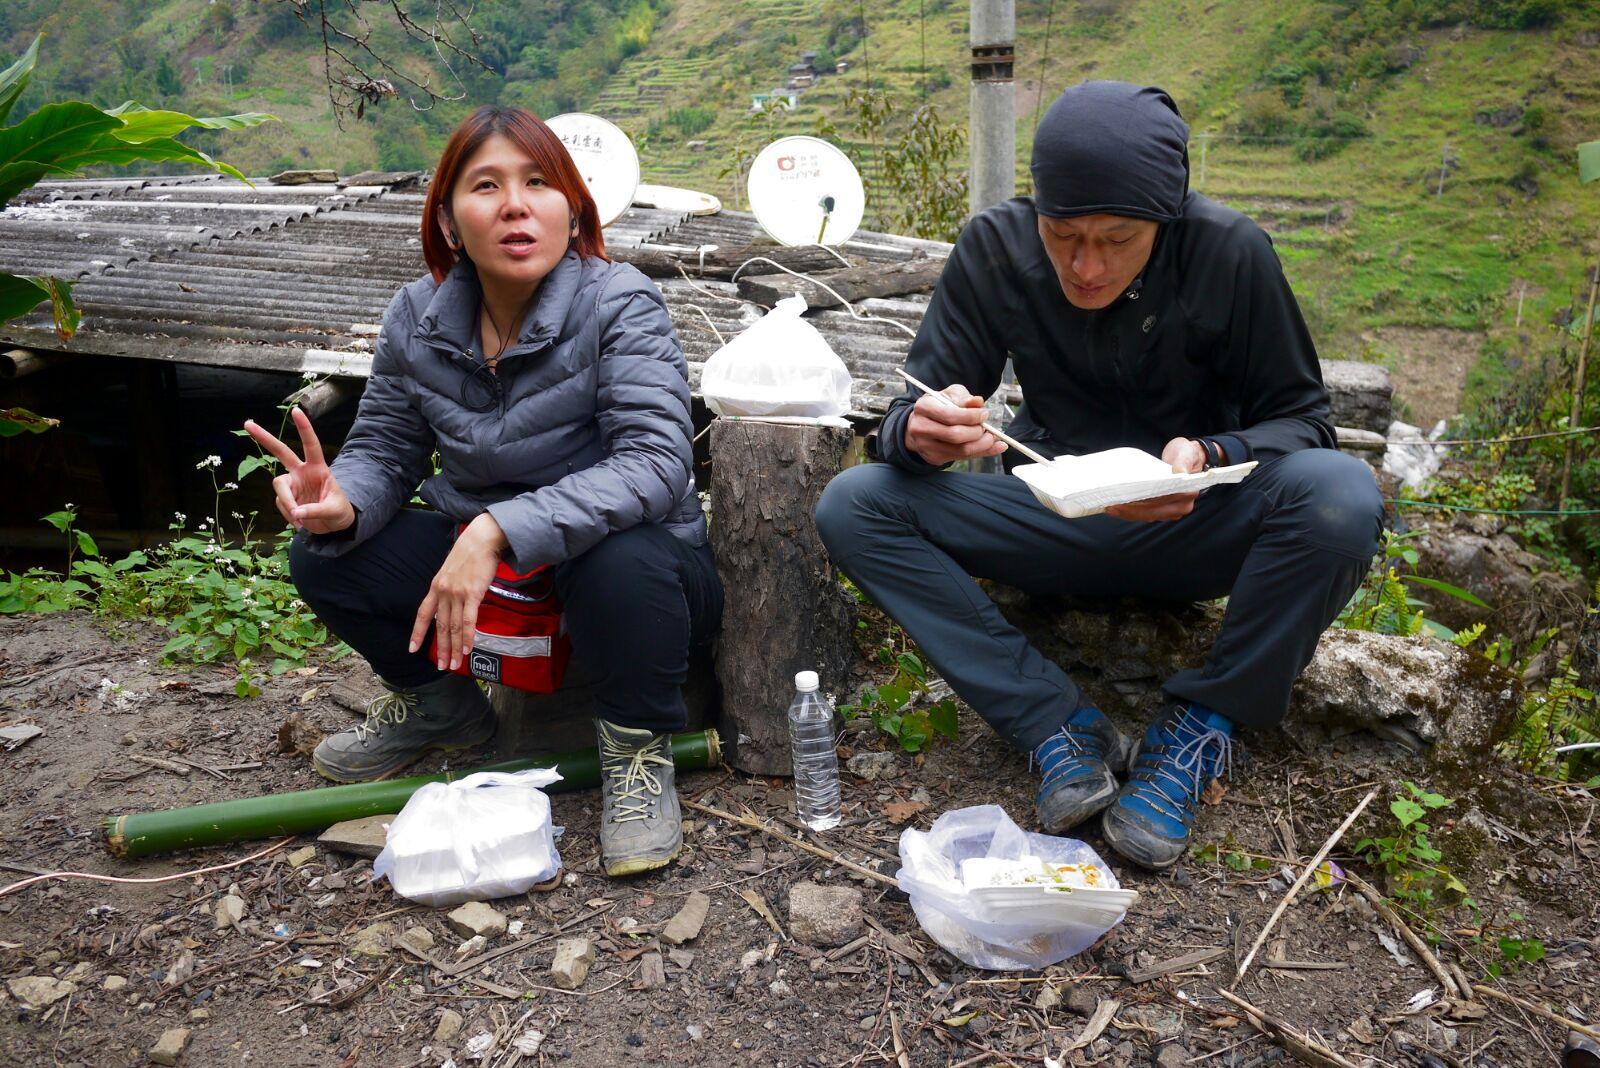 Cinematographer China.JPG